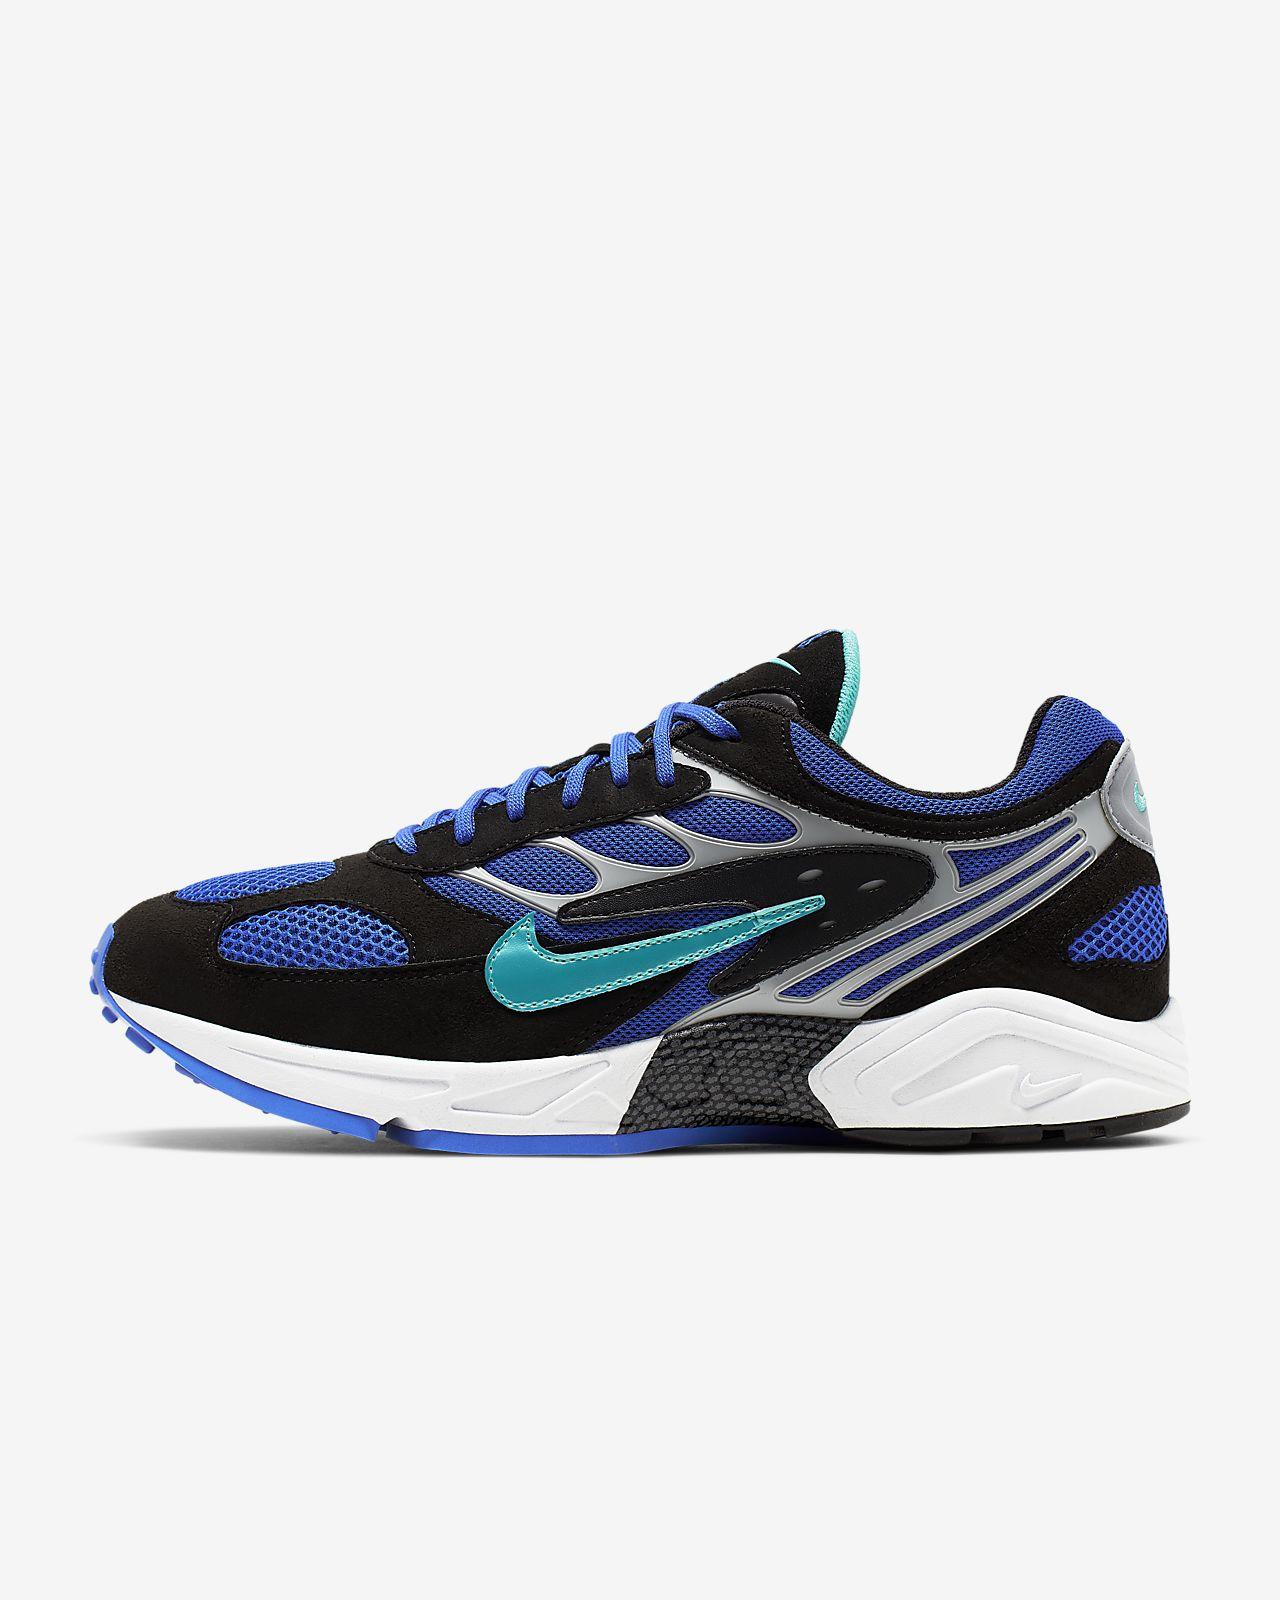 Nike Air Ghost Racer 男子运动鞋